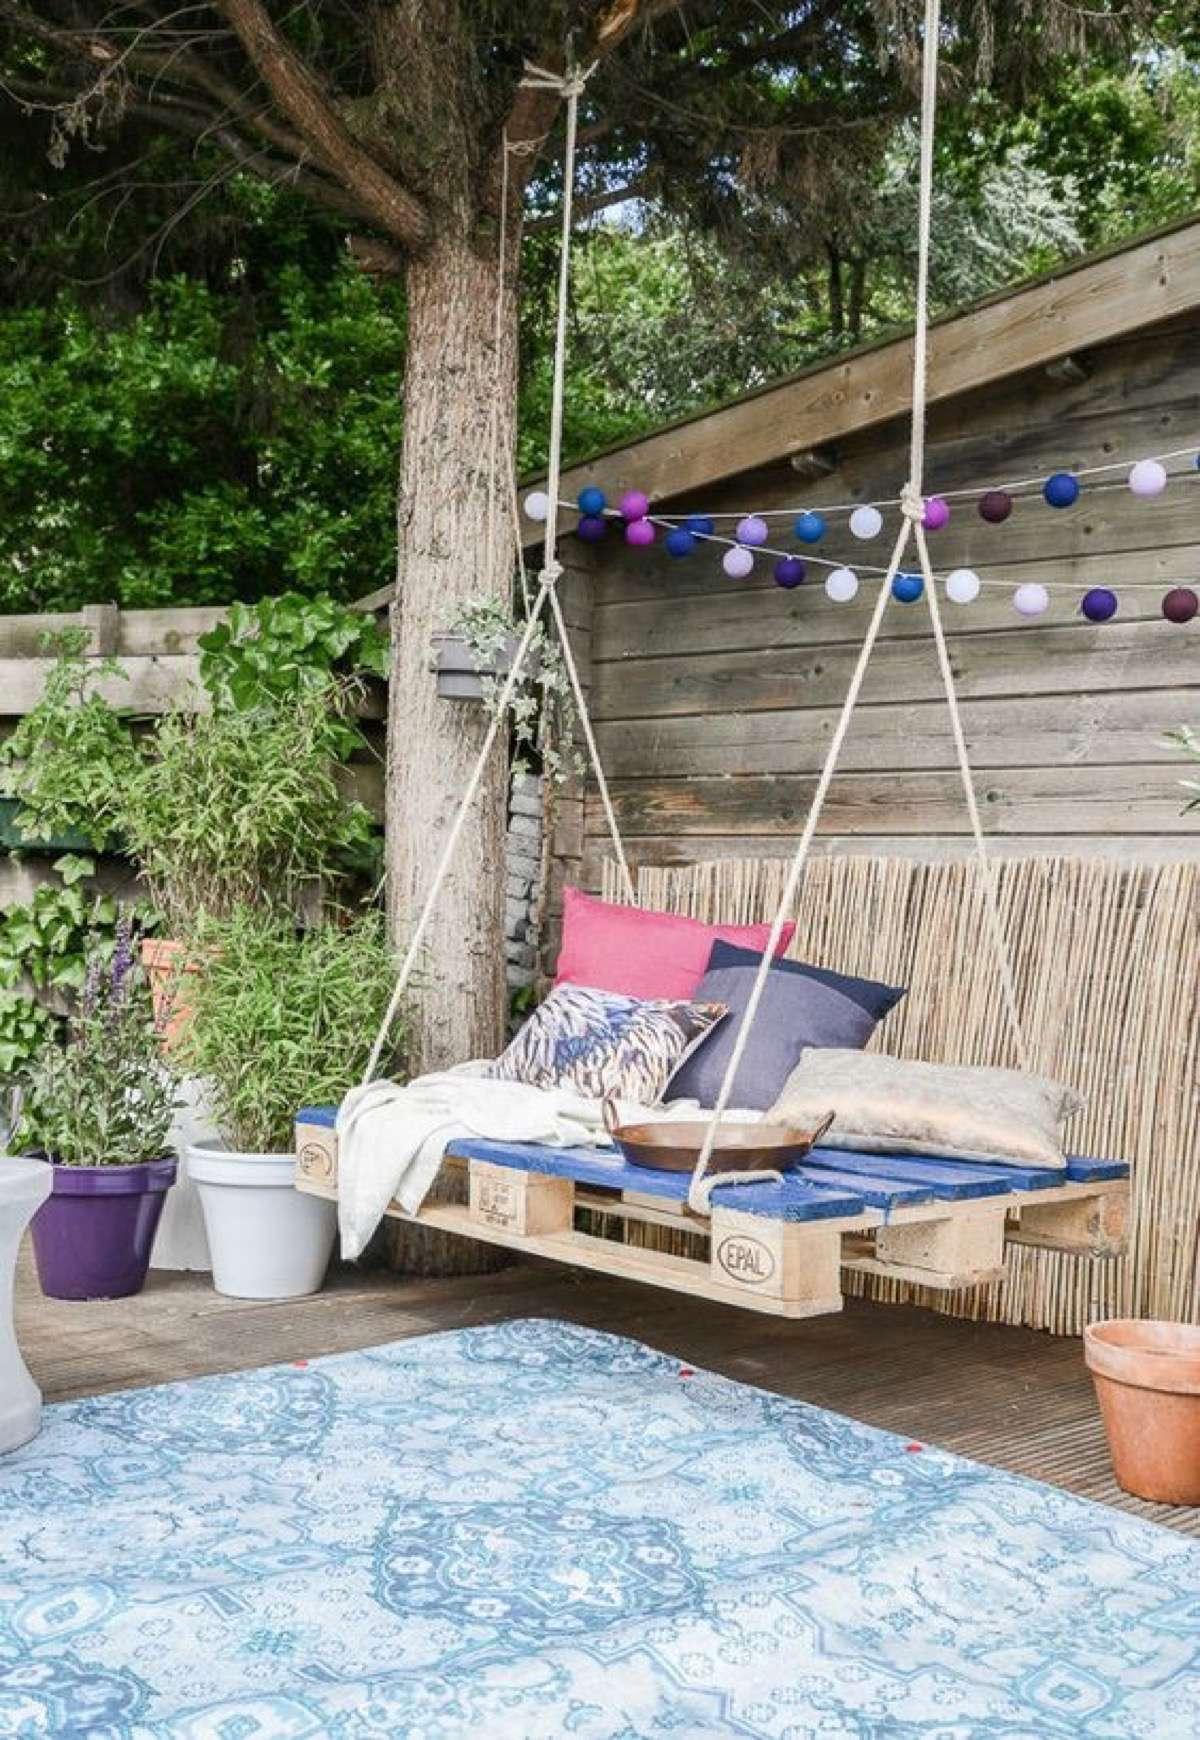 100 dise os de muebles con palets para interior y exterior - Cojines grandes ...